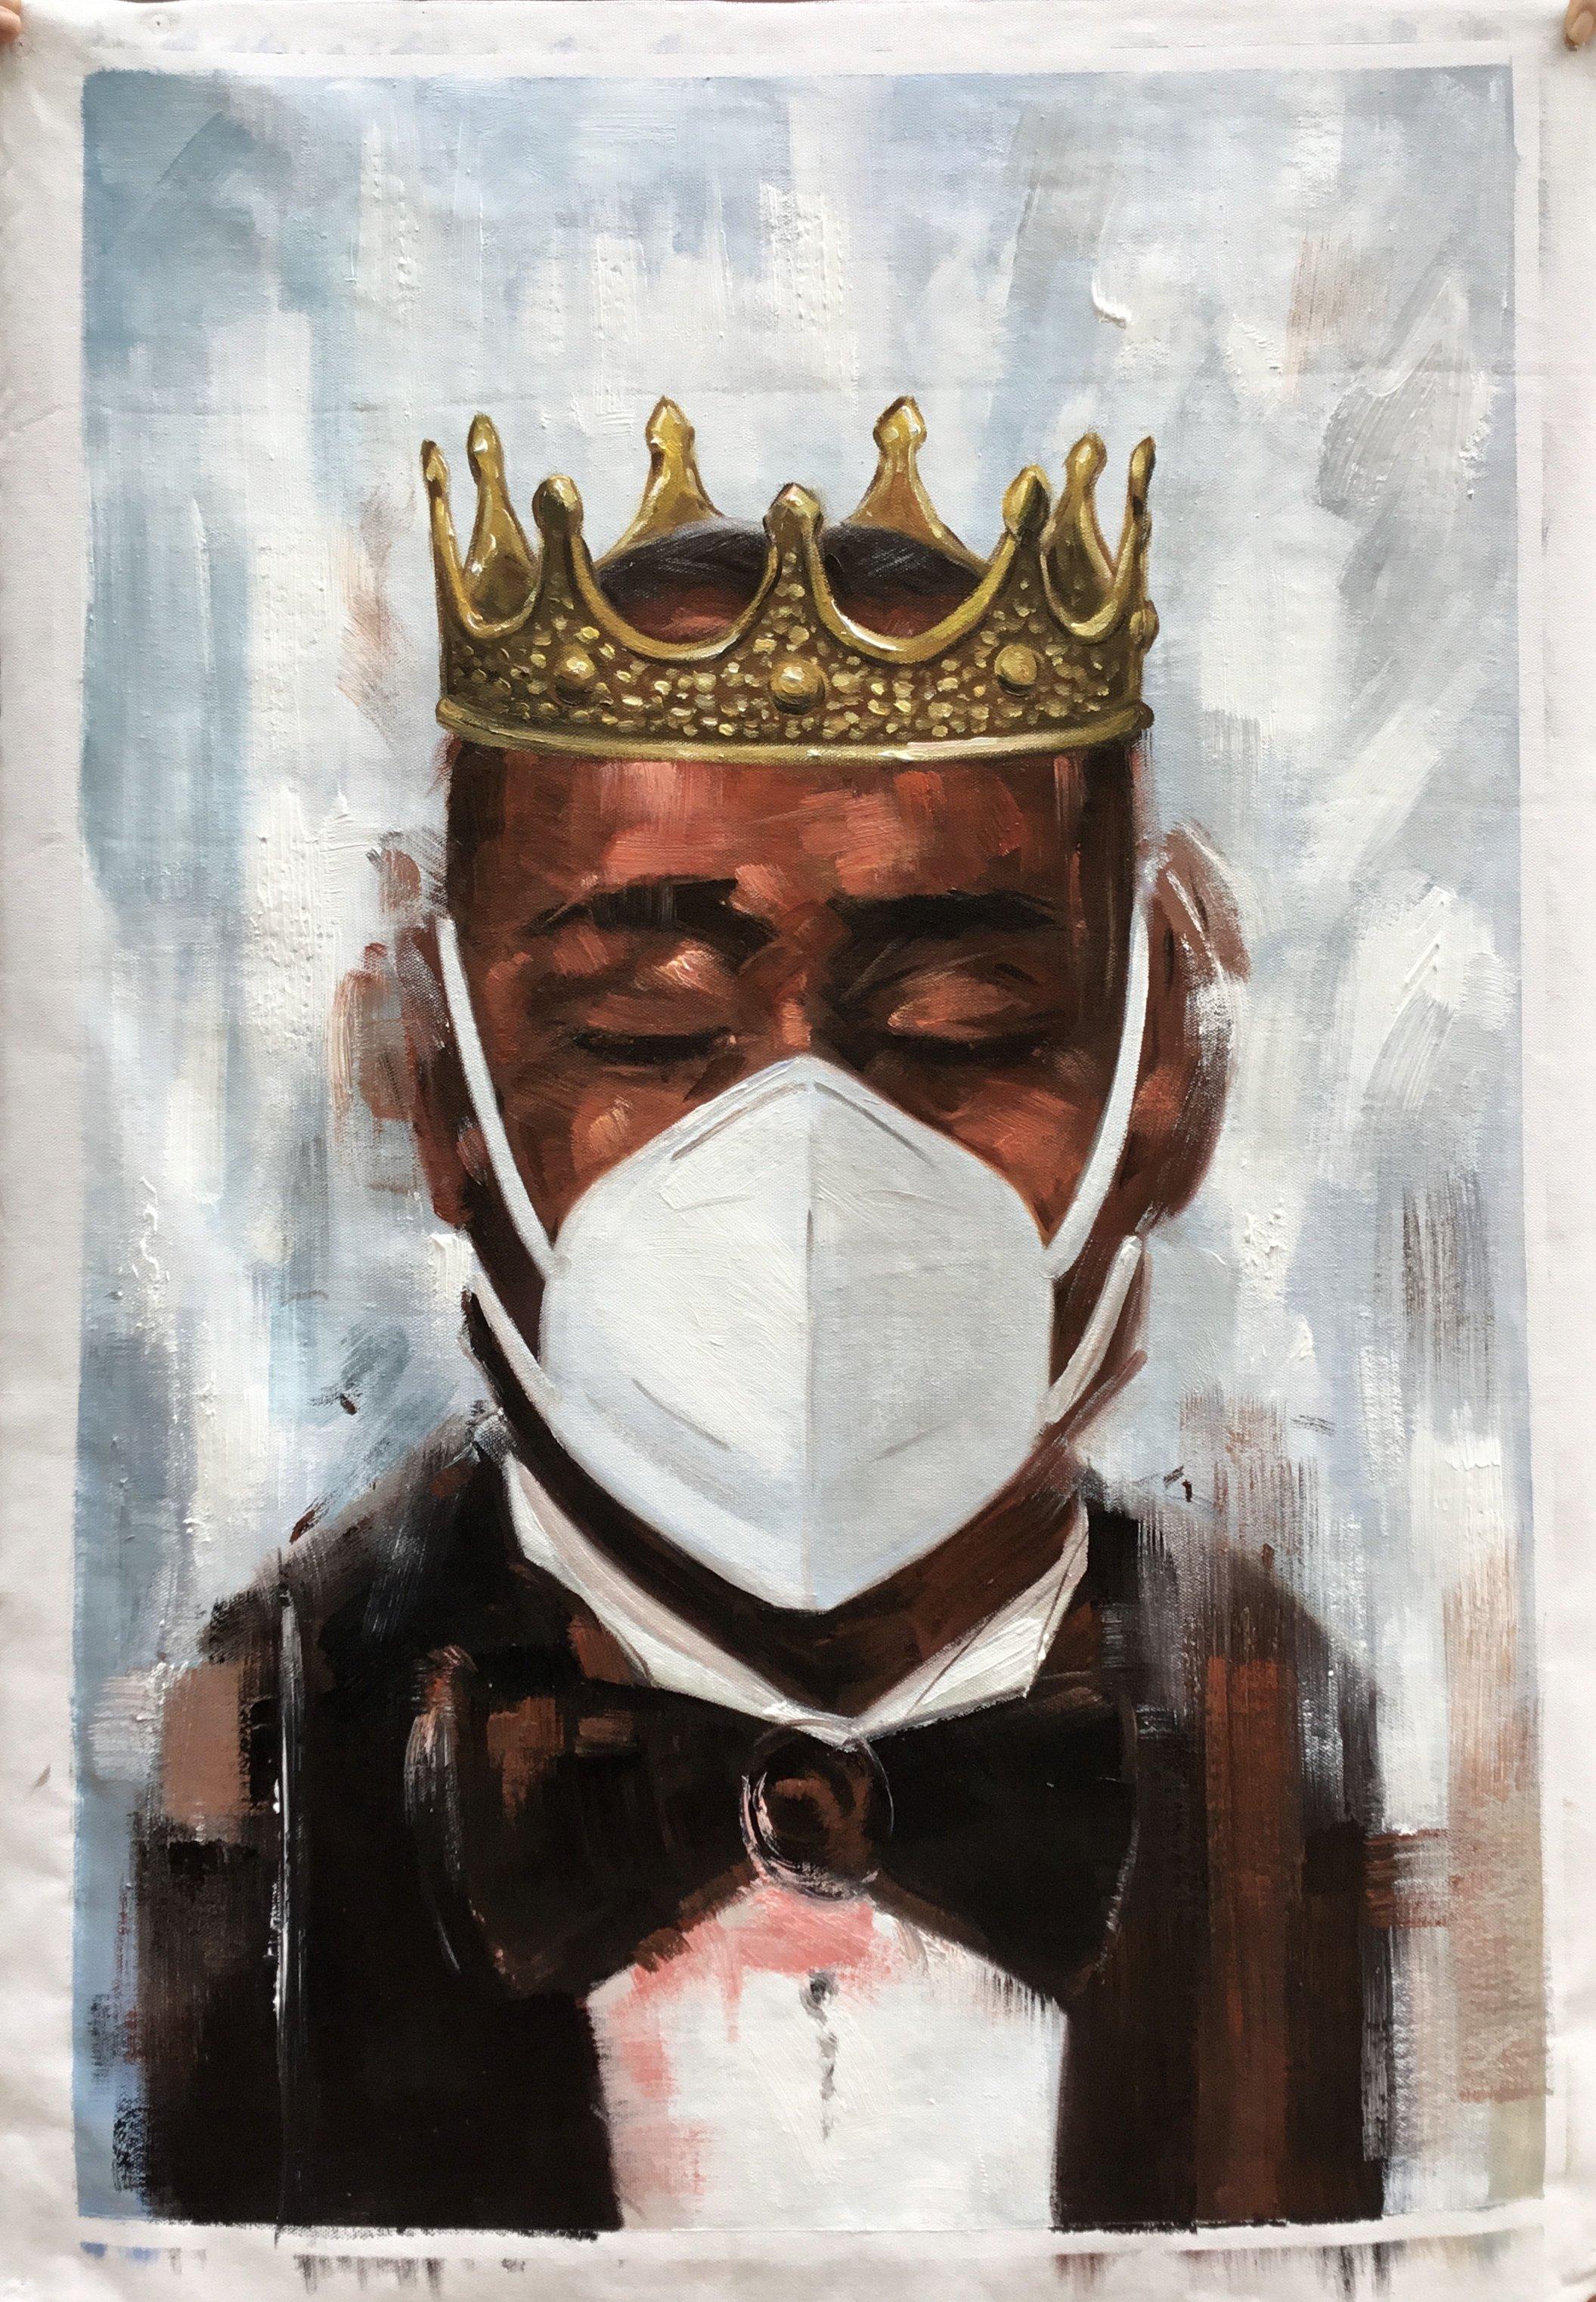 mast-crown-oil-painting-2020-artwork